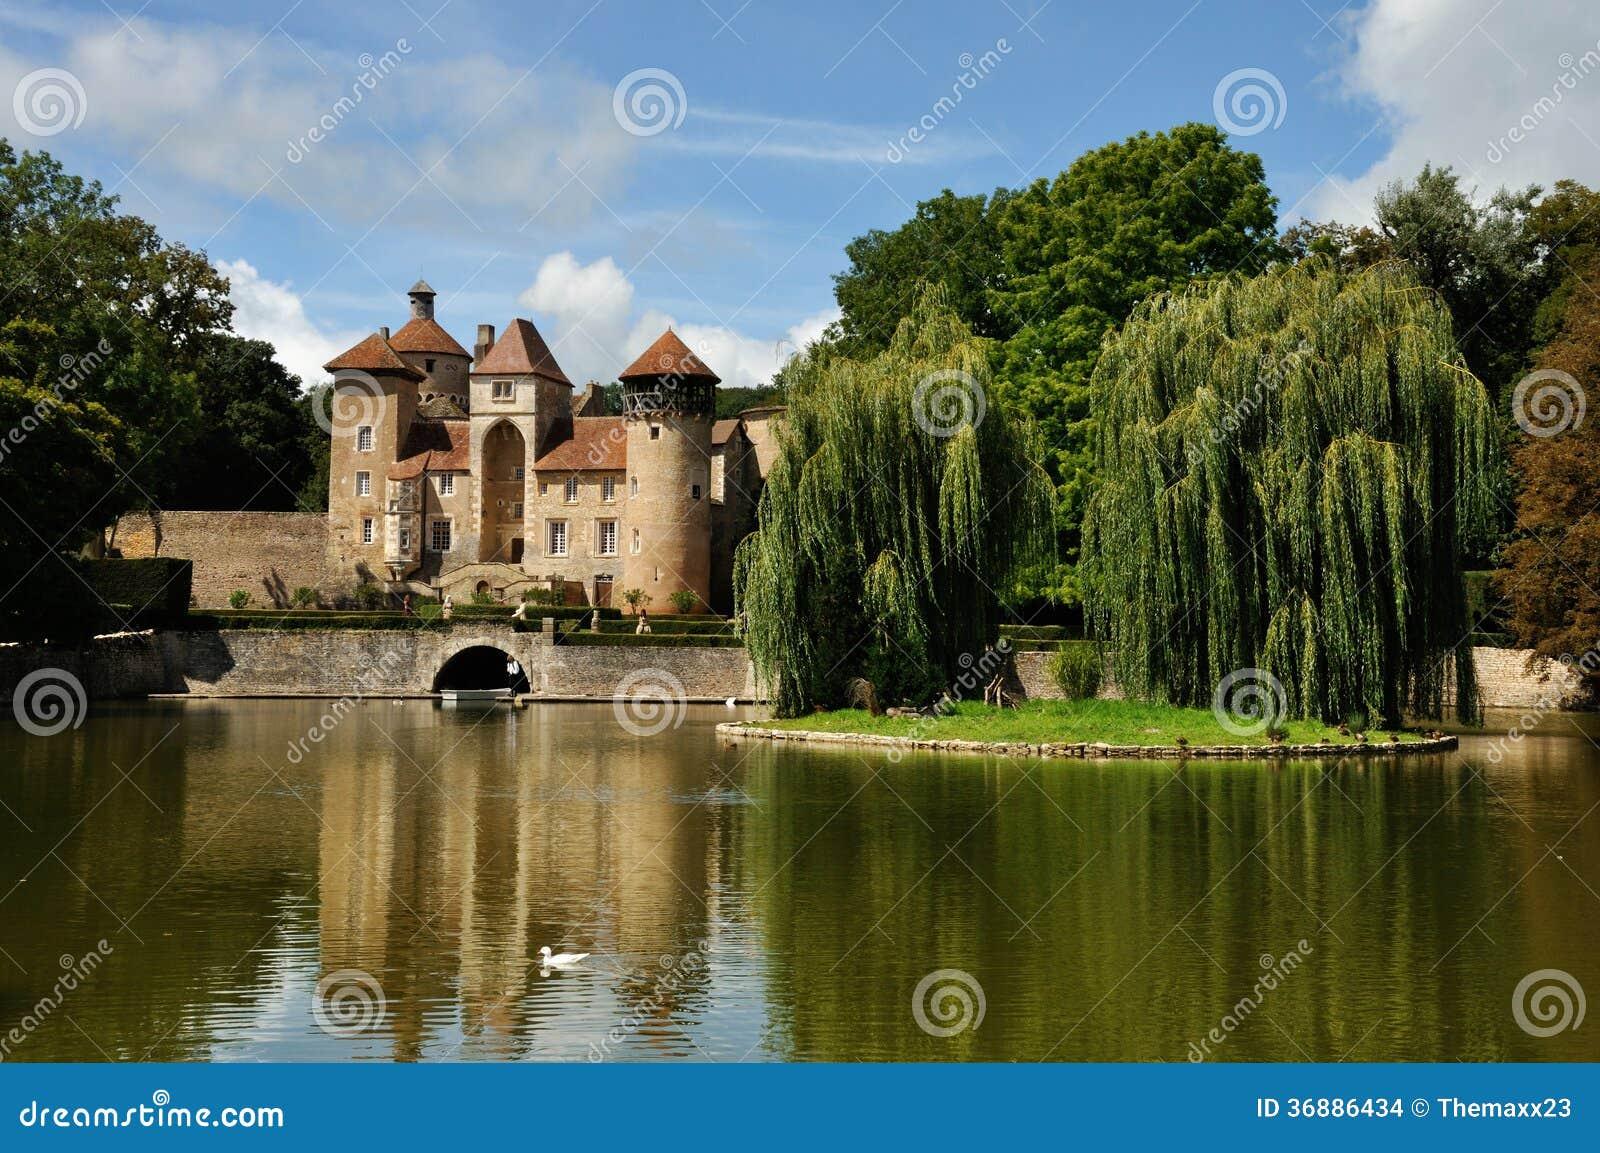 La francia castello nella regione di champagne fotografia for Champagne region in france